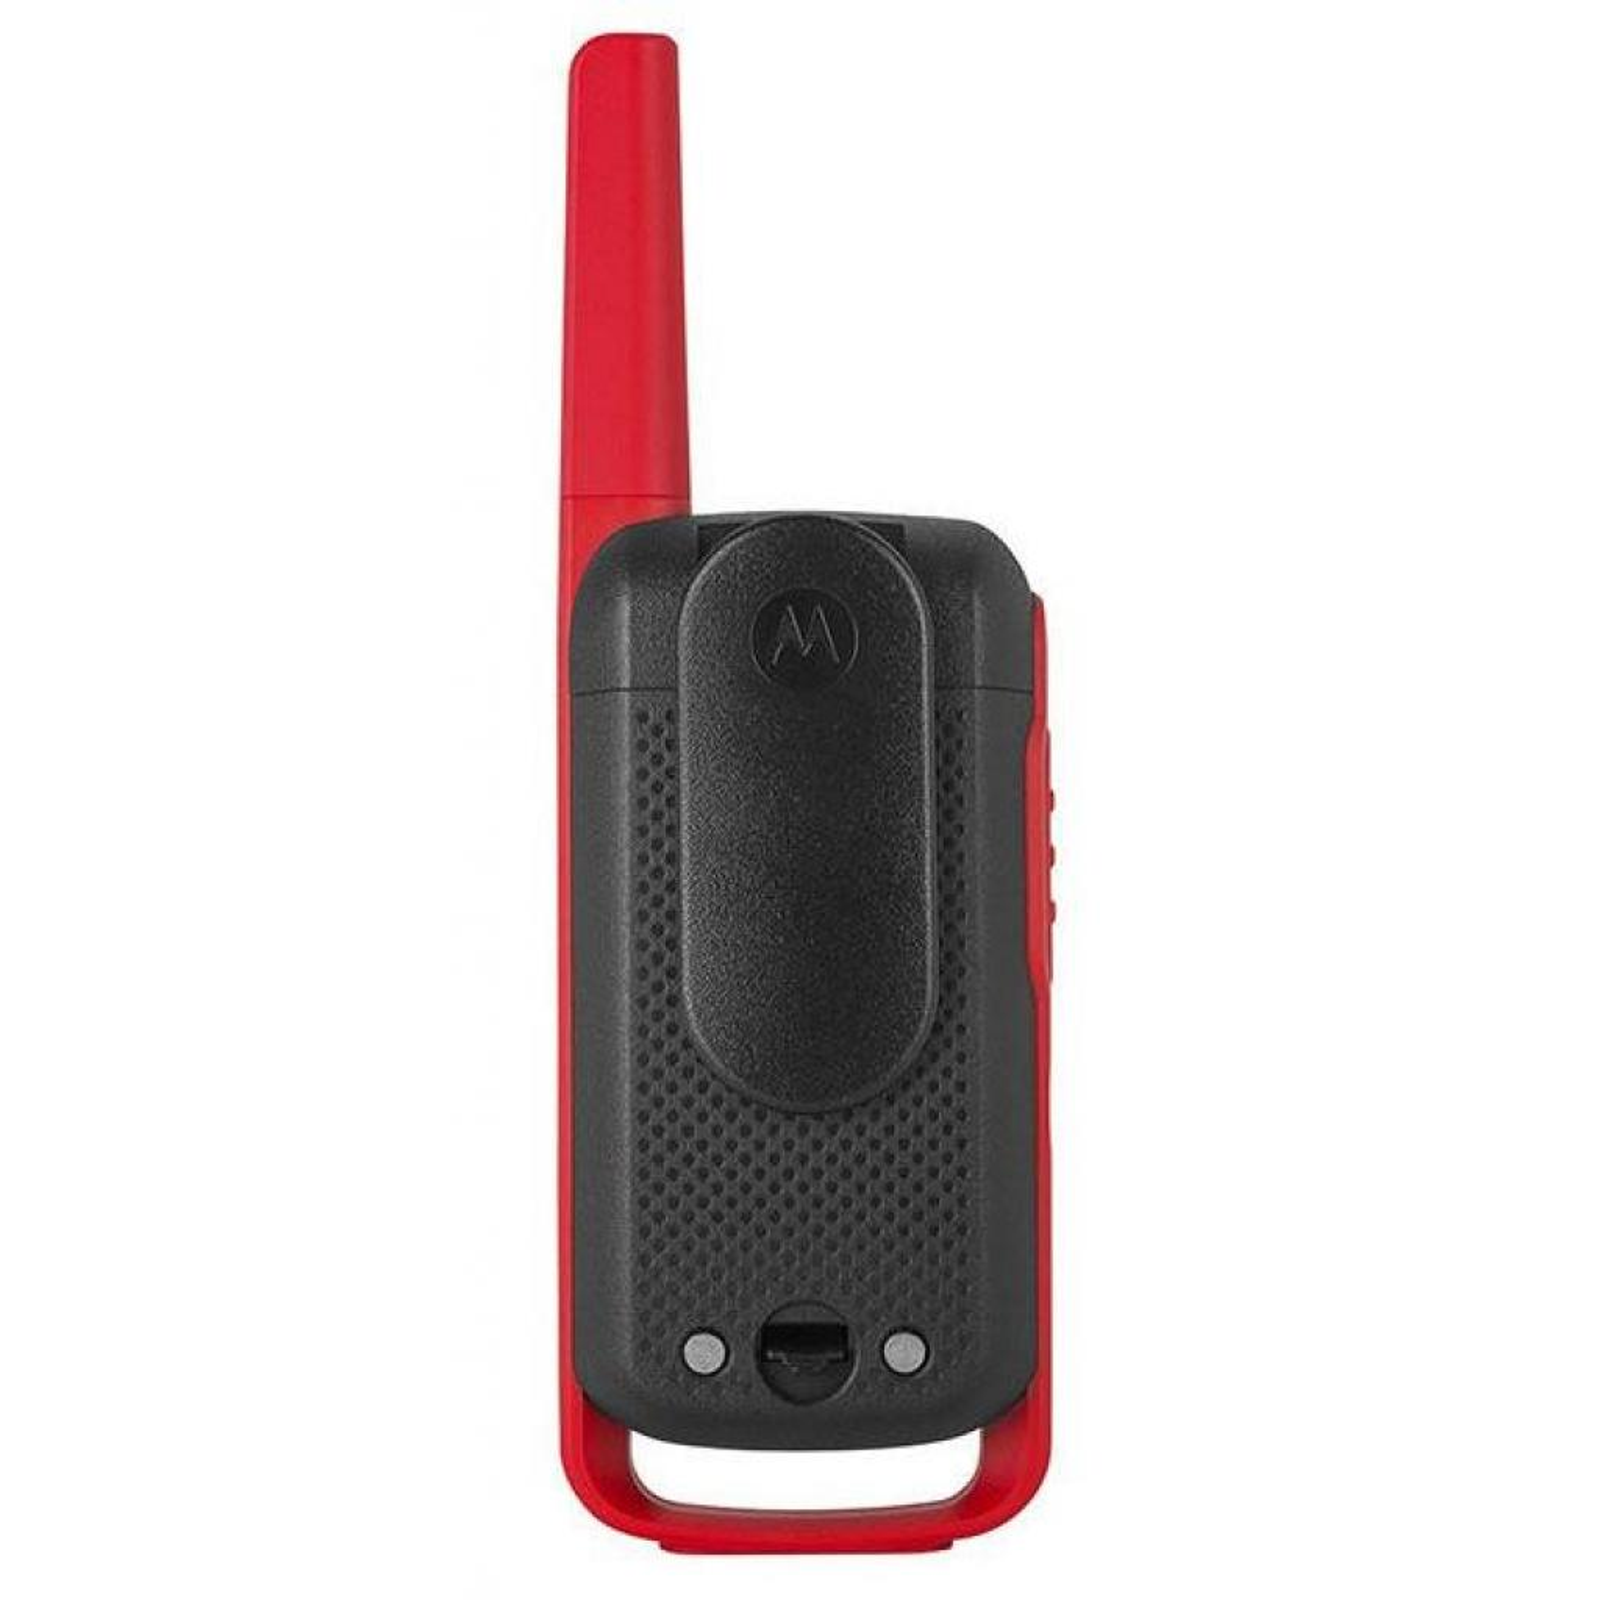 Портативная рация Motorola TALKABOUT T62 Red (5031753007324) изображение 2